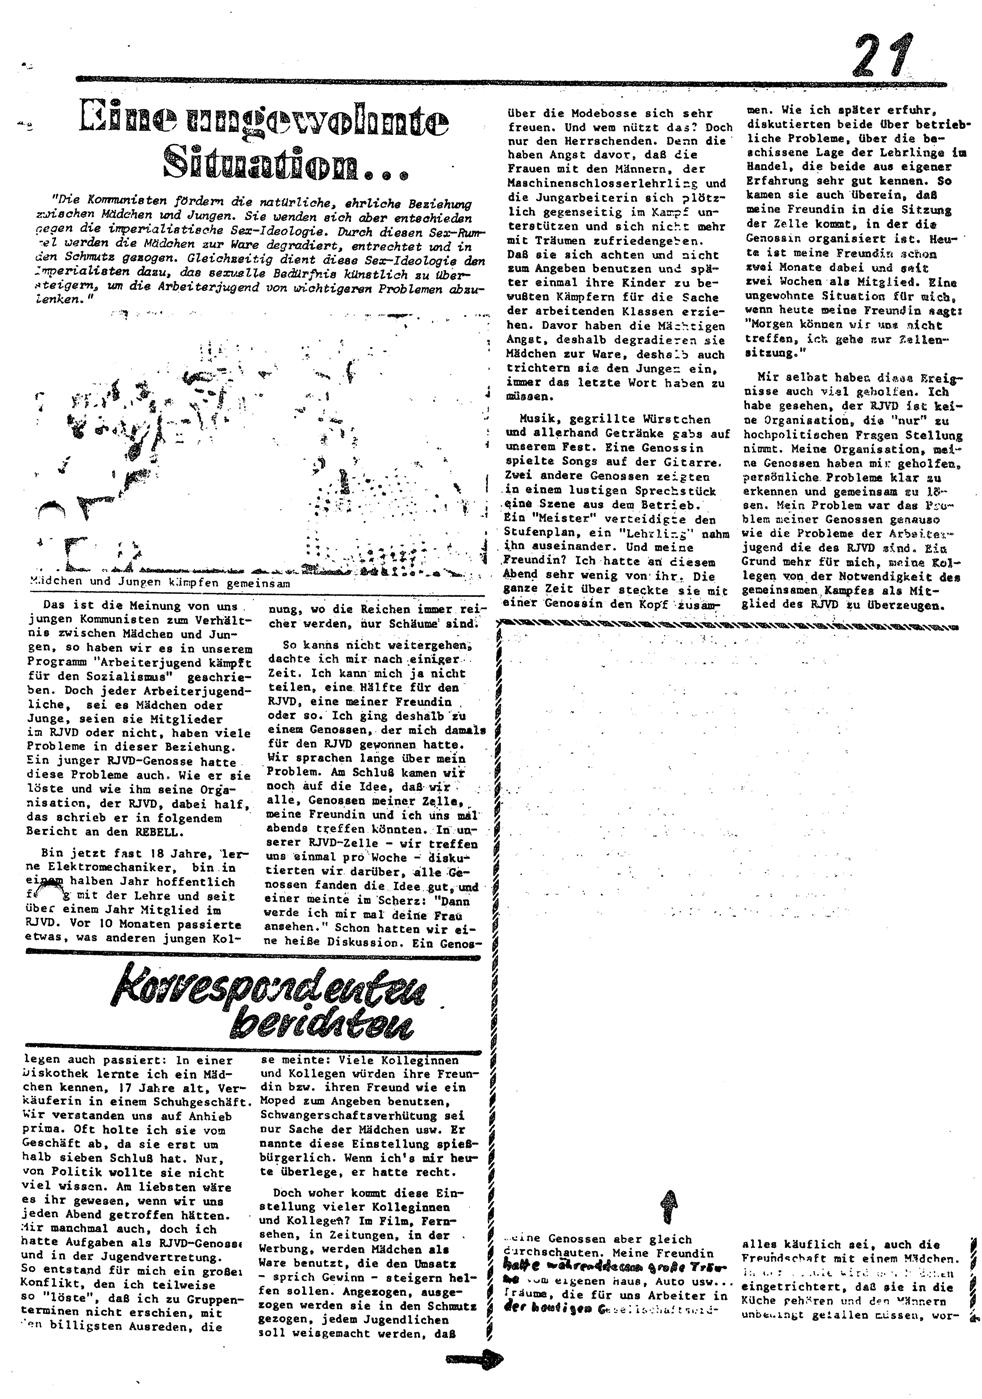 KABRW_Arbeitshefte_1977_25_020